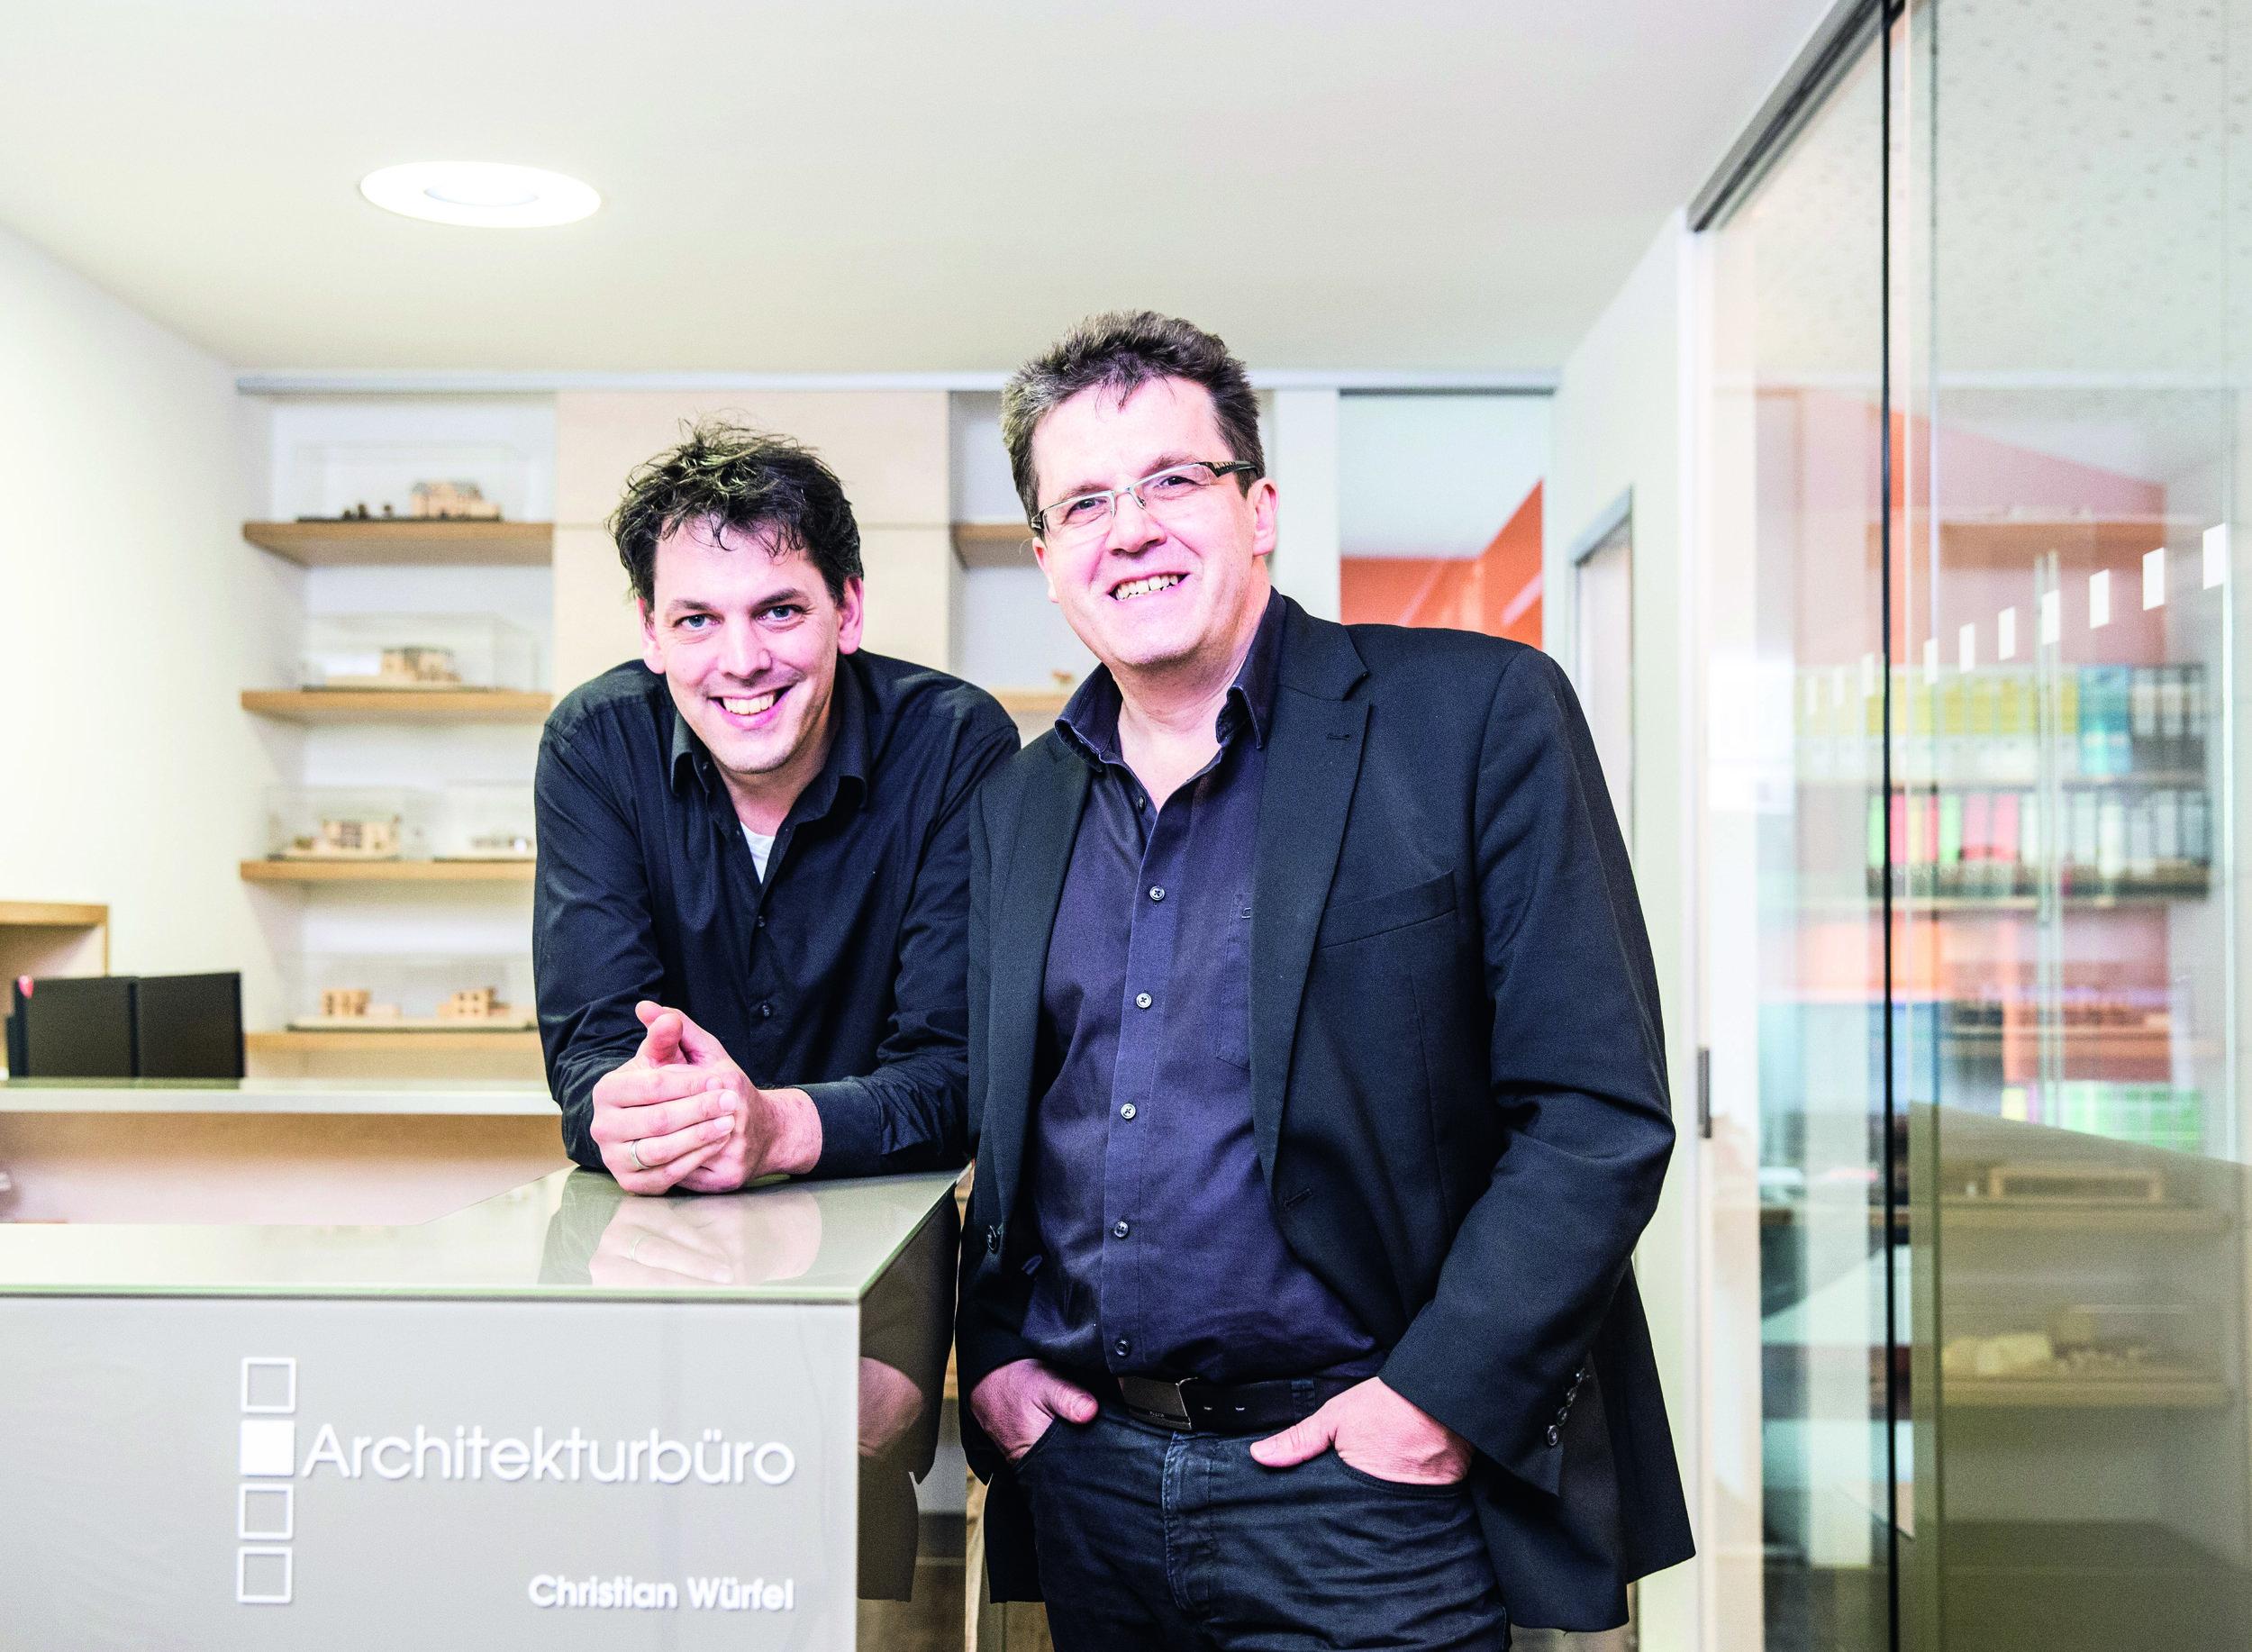 """Architekturbüro Würfel - """"Die gebaute Umwelt beeinflusst die Qualität unseres Lebens. Meine Aufgabe, schwere Konstruktionen ähnlicher Formate leichter wirken zu lassen, ist durch das Höhenspiel der Gebäude gelöst. Die moderne Interpretation des ländlichen Baustils spiegelt sich in den zahlreichen Holzelementen wider. Dadurch entsteht ein gemeinsames und harmonisches Gesamtbild."""""""